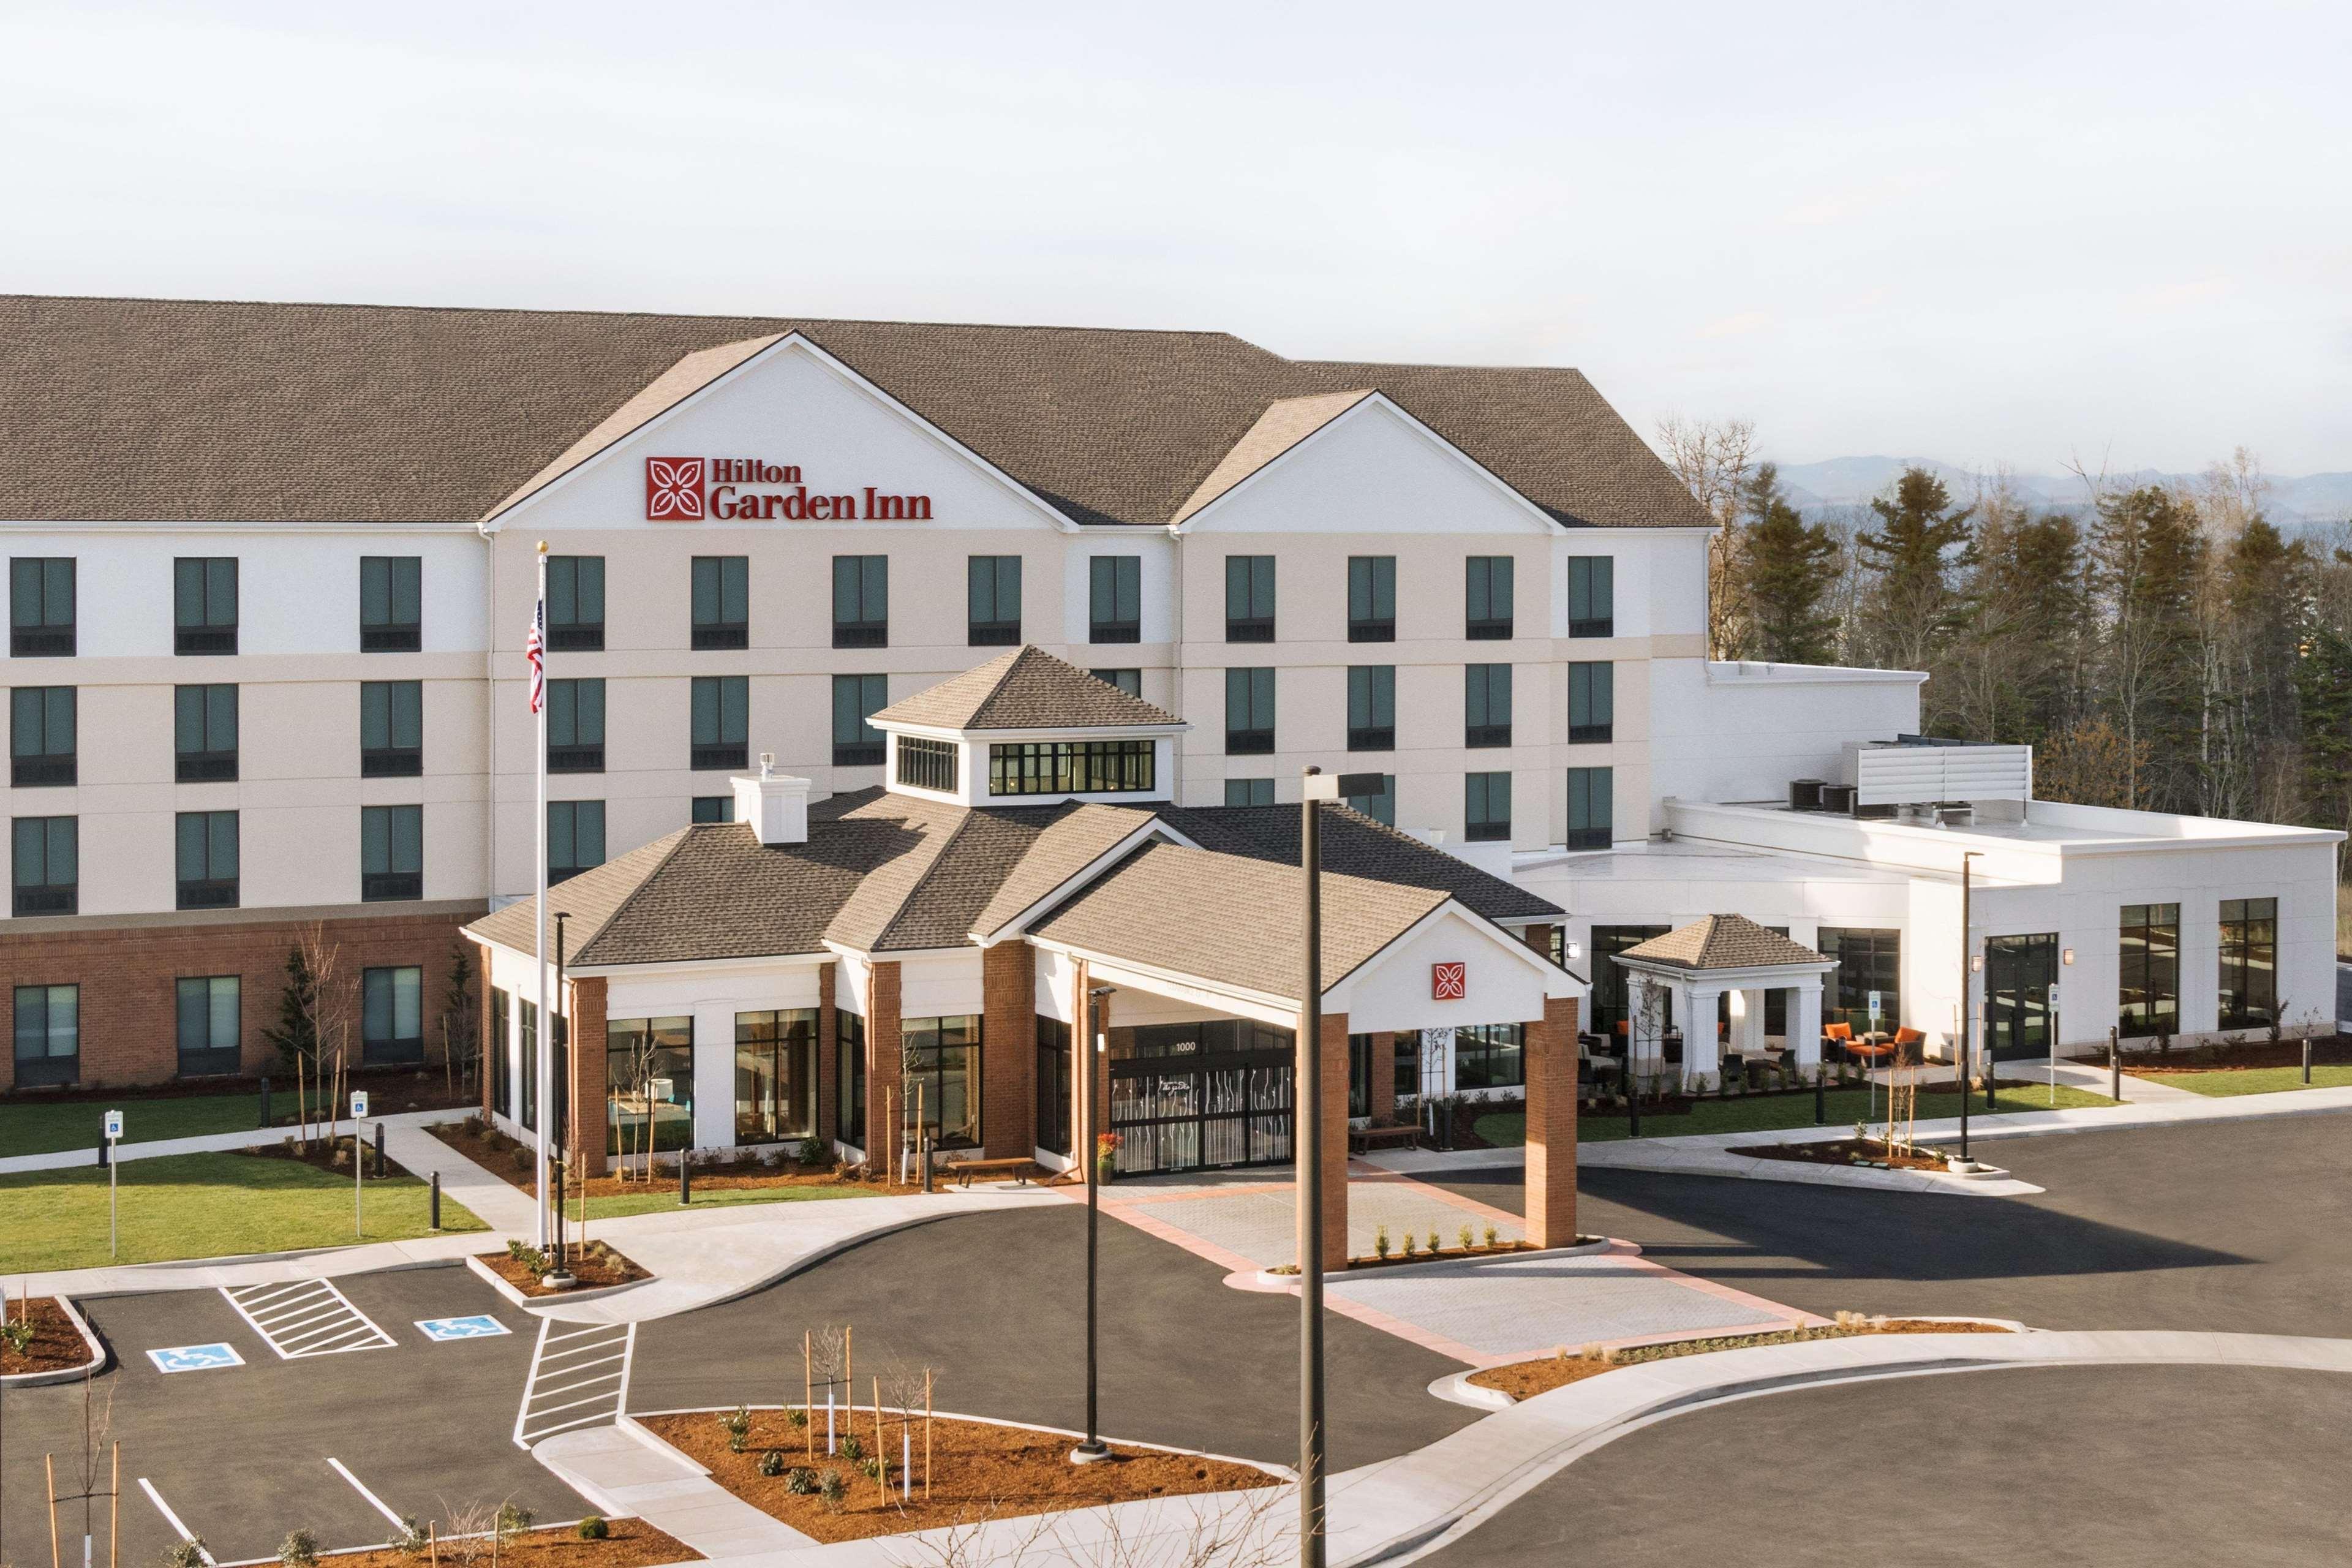 Hilton Garden Inn Medford image 10